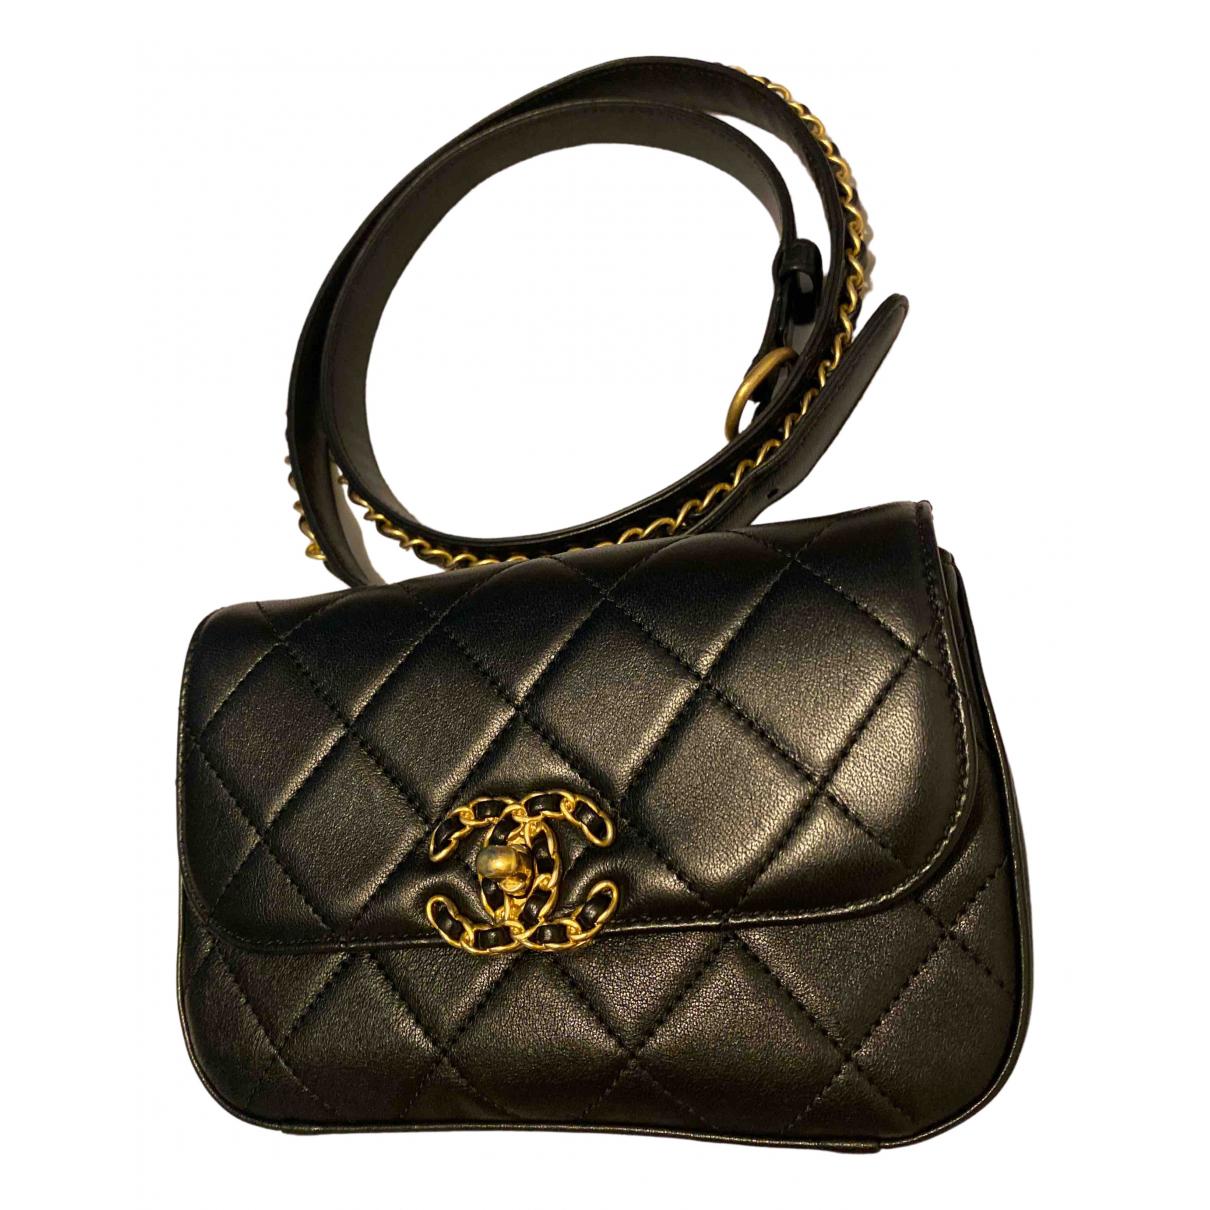 Chanel - Sac a main Chanel 19 pour femme en cuir - noir